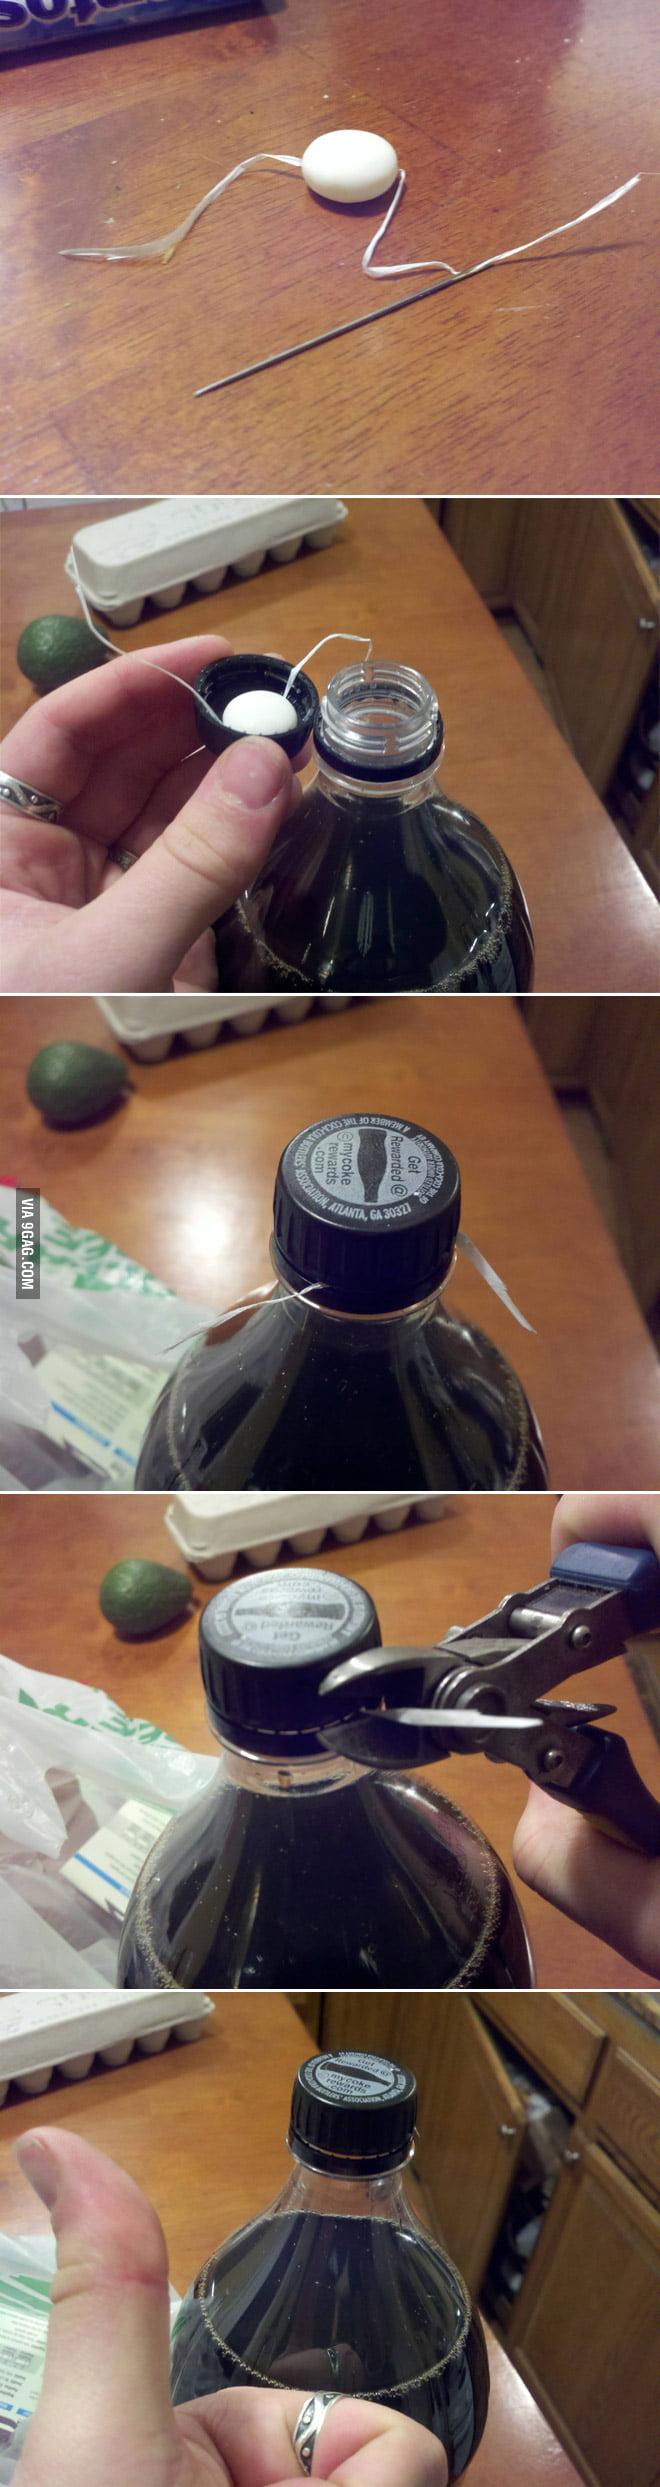 Coke + Mentos prank